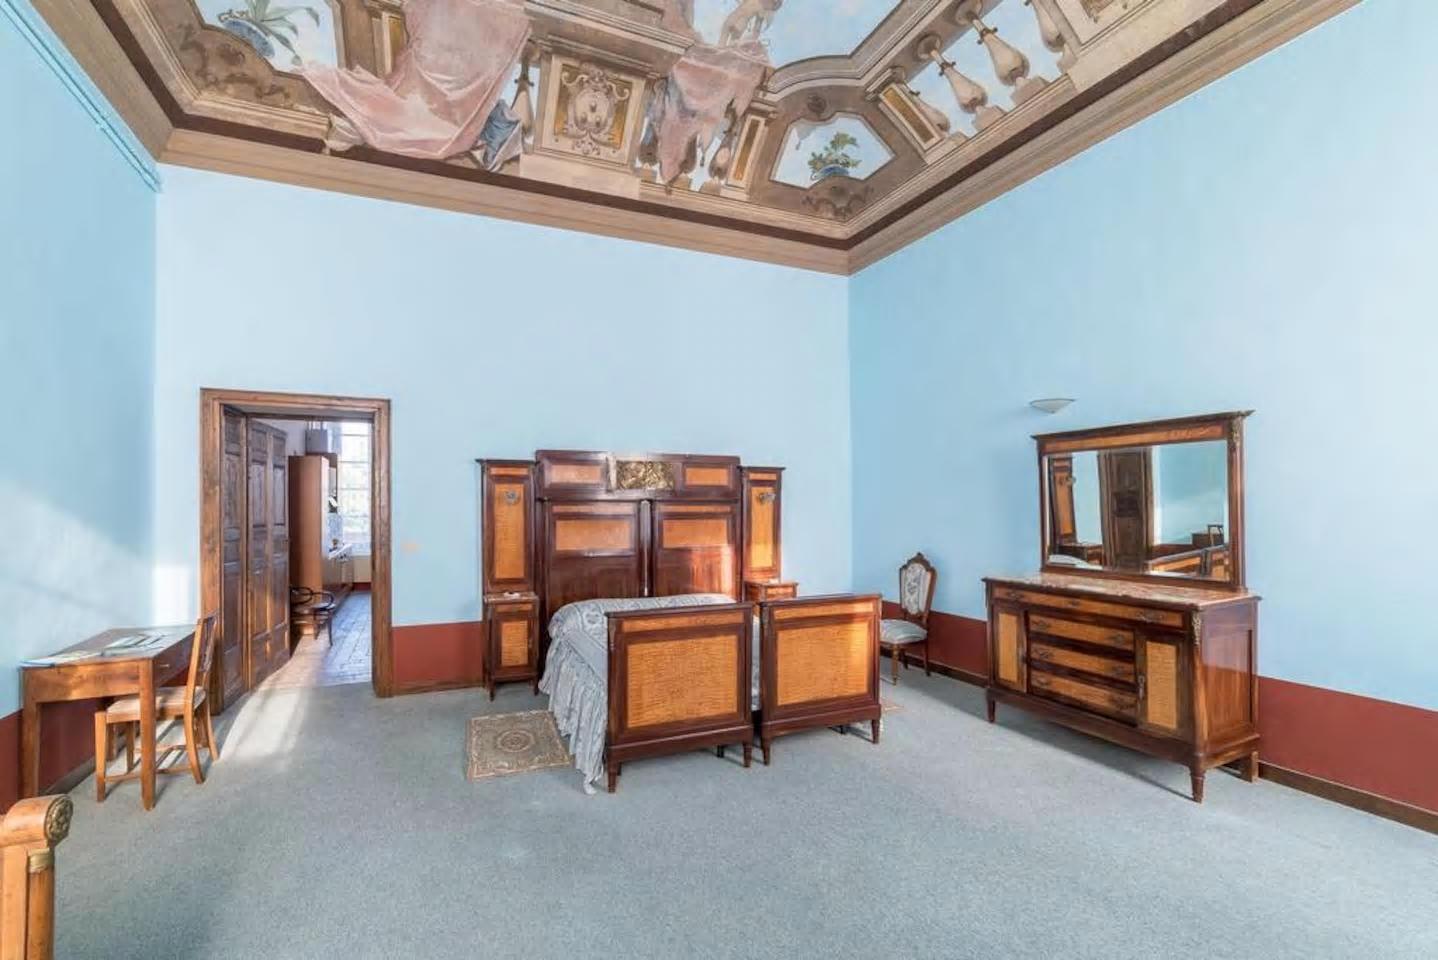 Camera da letto - Appartamento della Badessa - Casalmaggiore